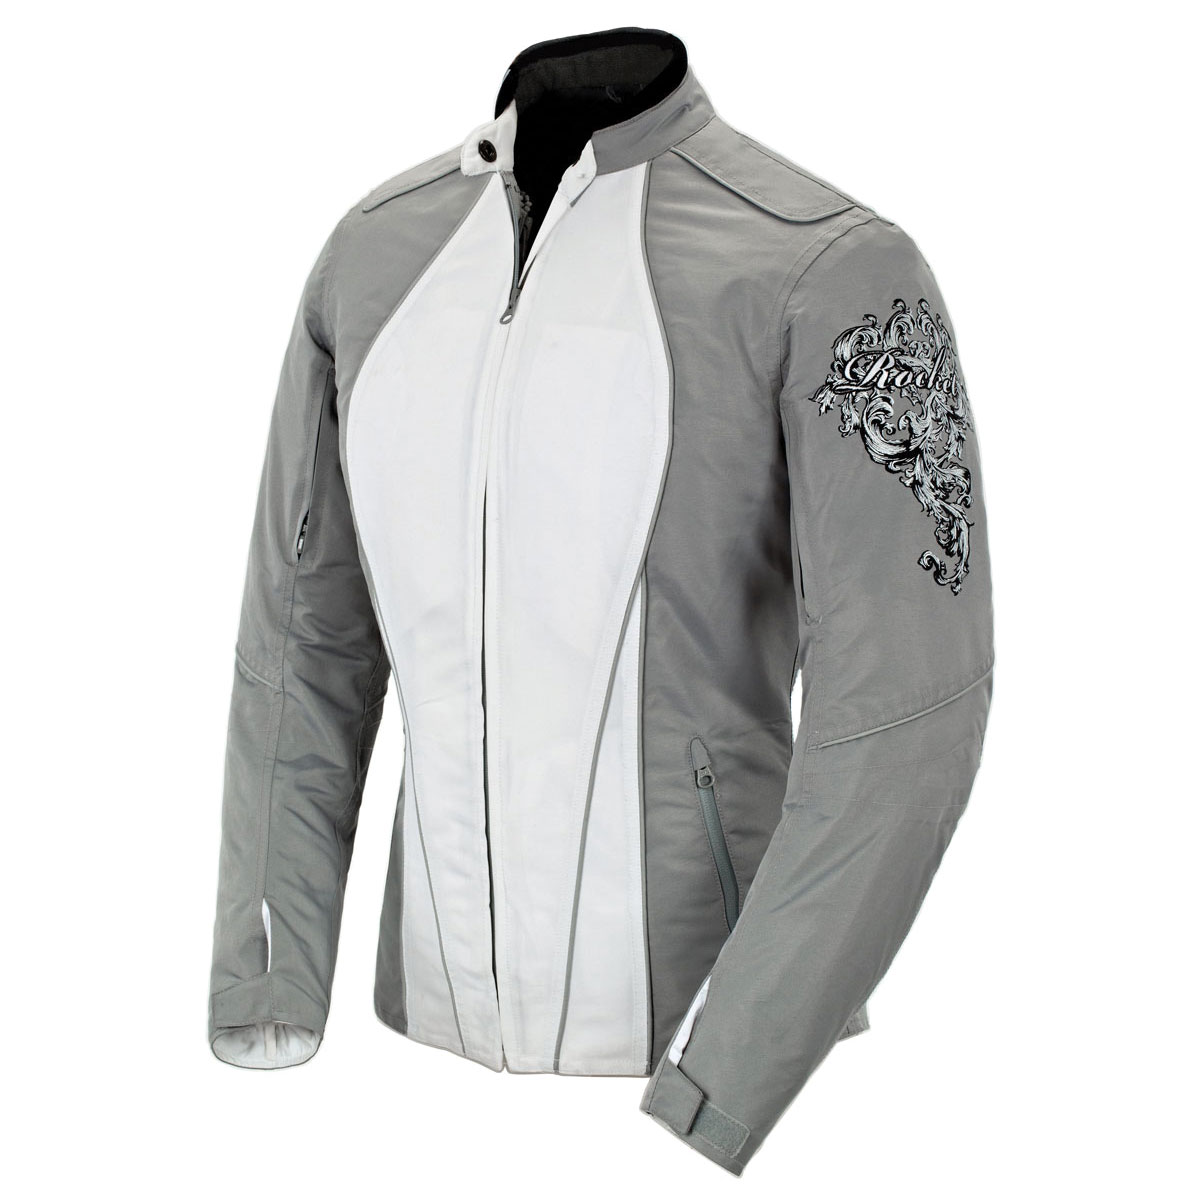 Joe Rocket Women's Alter Ego 3.0 Mesh Silver Jacket